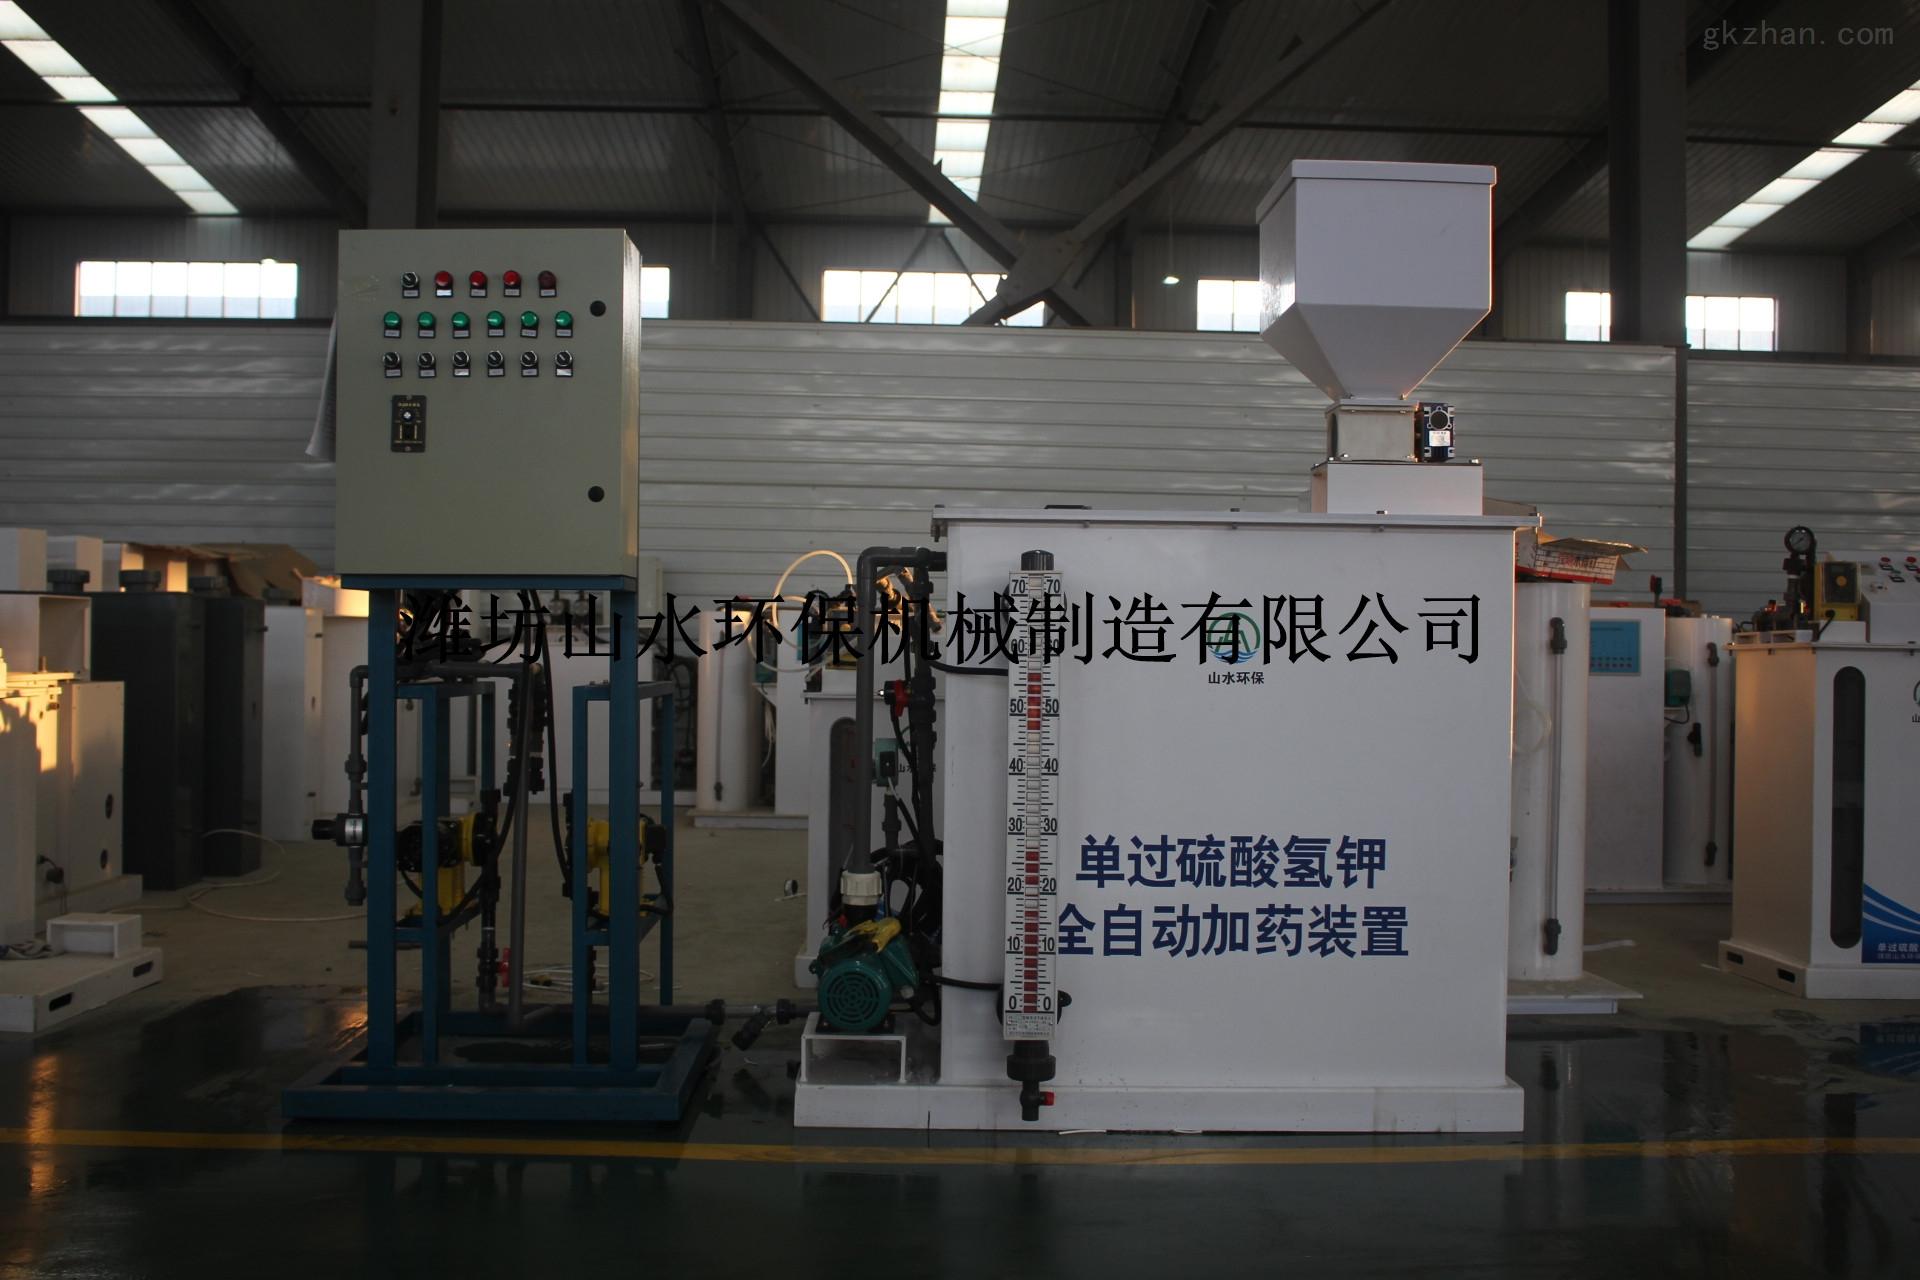 安徽省铜陵市食品检测实验室污水处理设备小型医院污水处理设备规格型号及价格